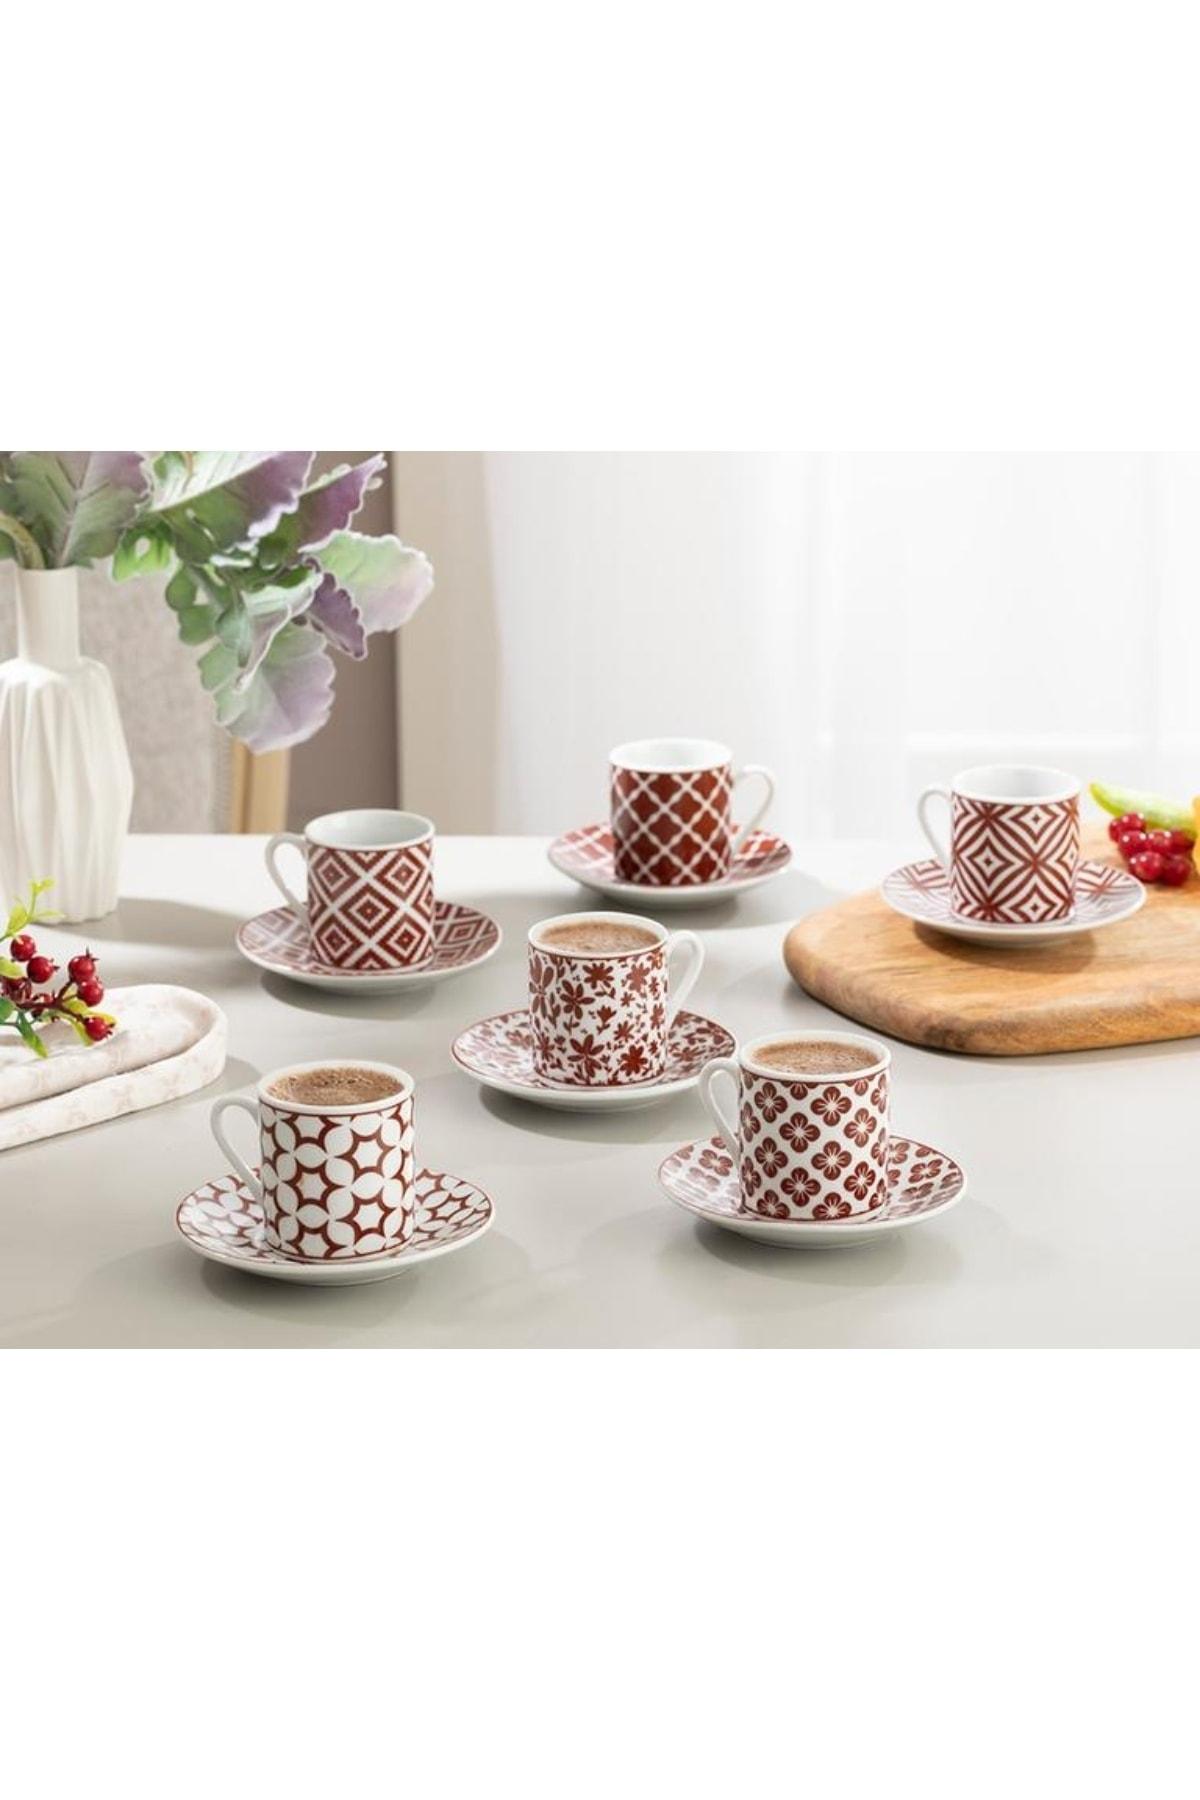 Accueil anglais bourgogne-Mira porcelaine 6 pièces tasse à café Pad 80 ml, traditionnel turc tasse à café 12 pièces turc café